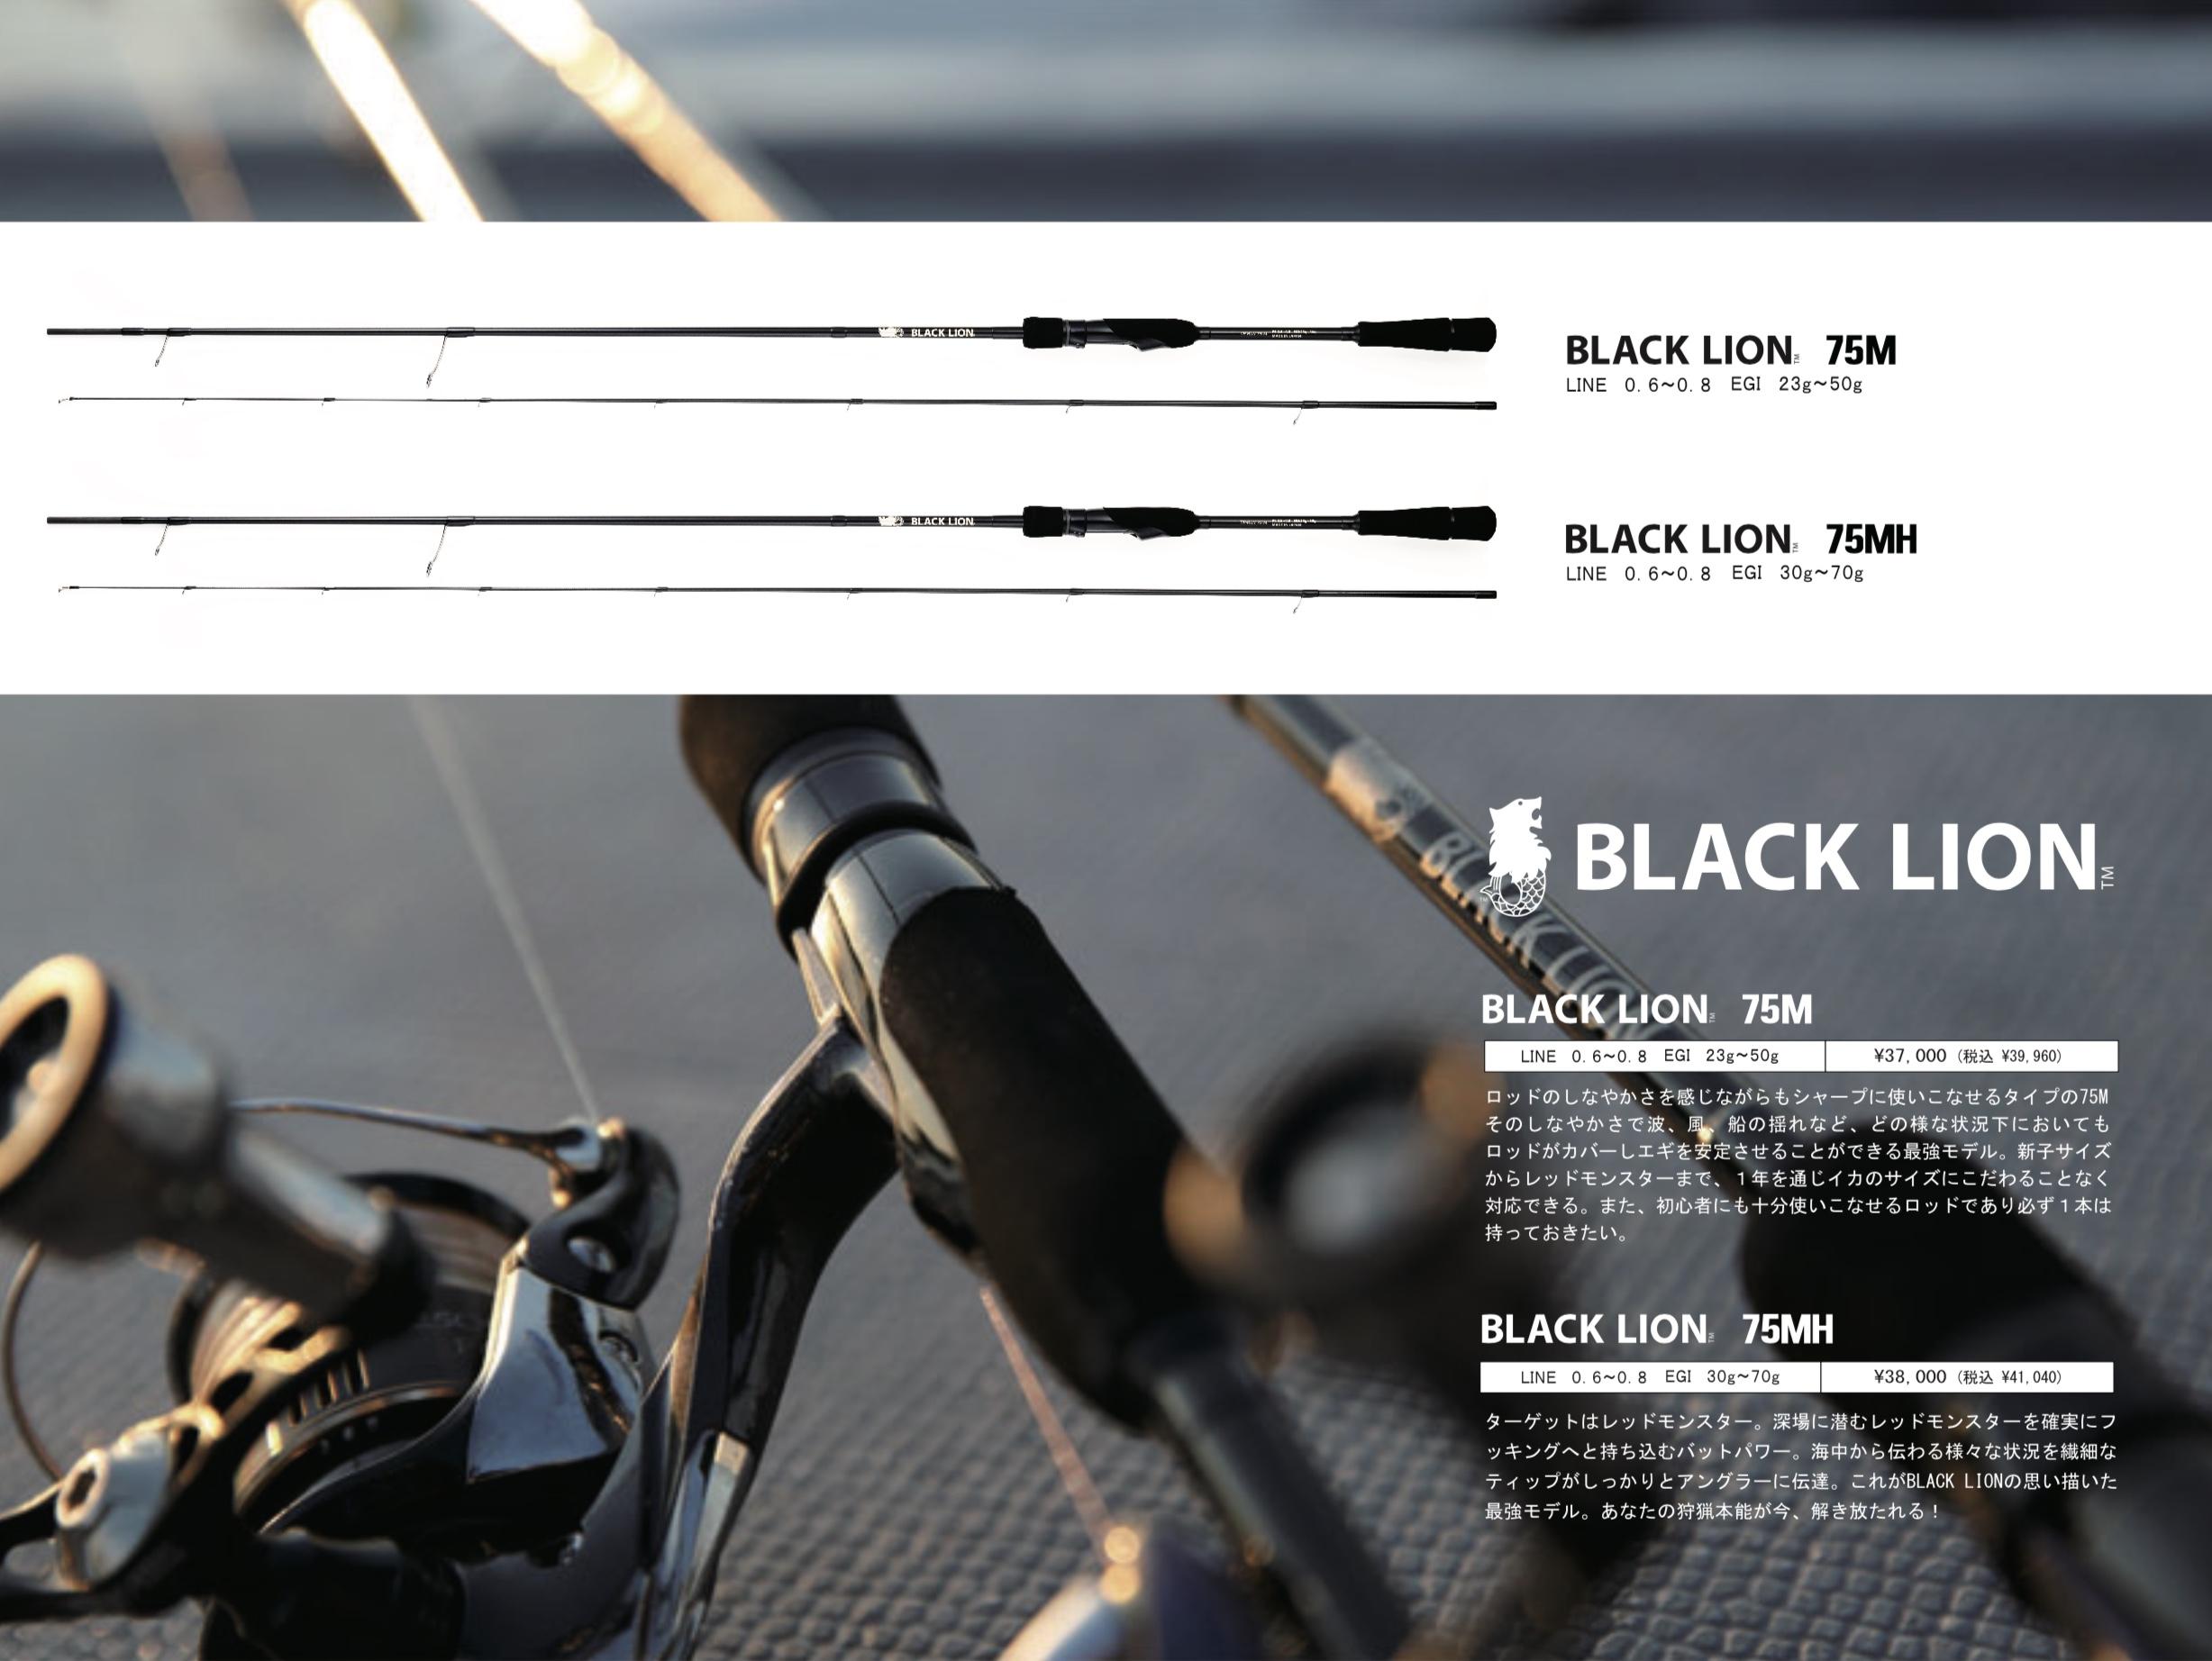 【 BLACKLION 75M遂に入荷 】